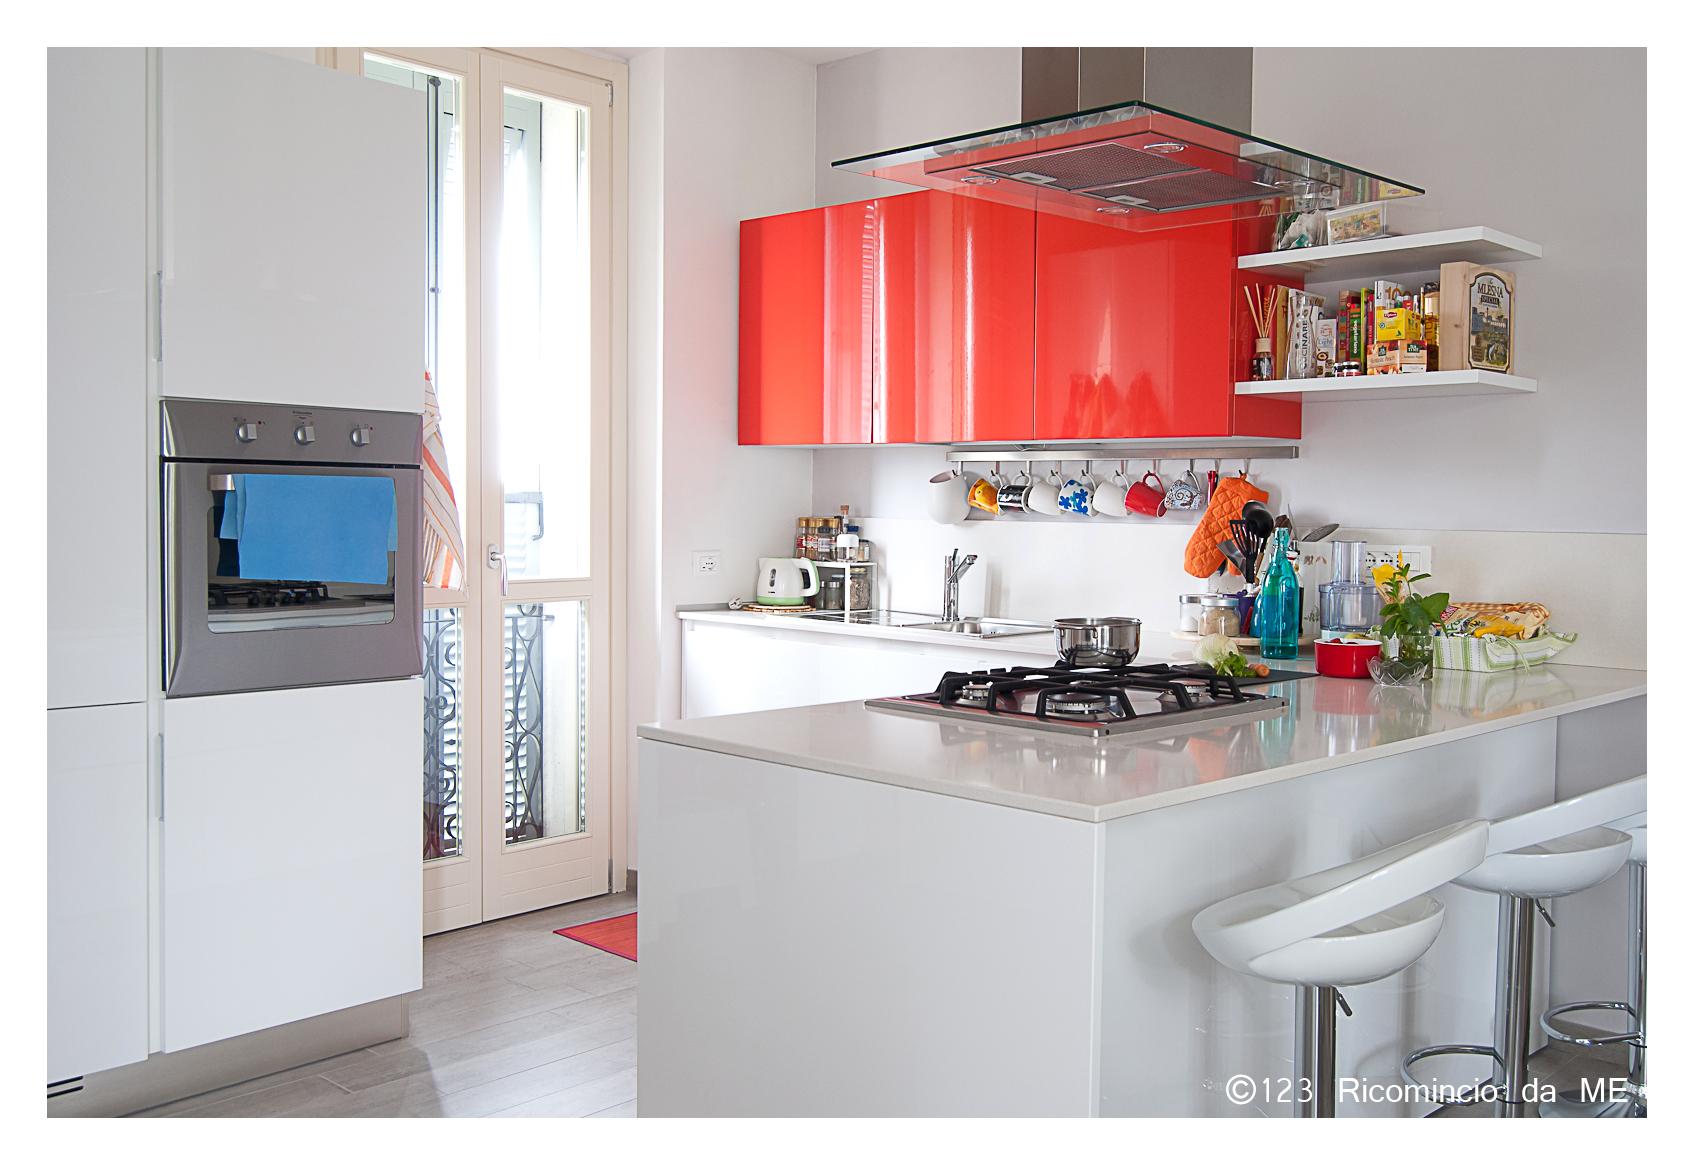 La mia nuova cucina e la dispensa verticale a cielo aperto for La mia nuova casa